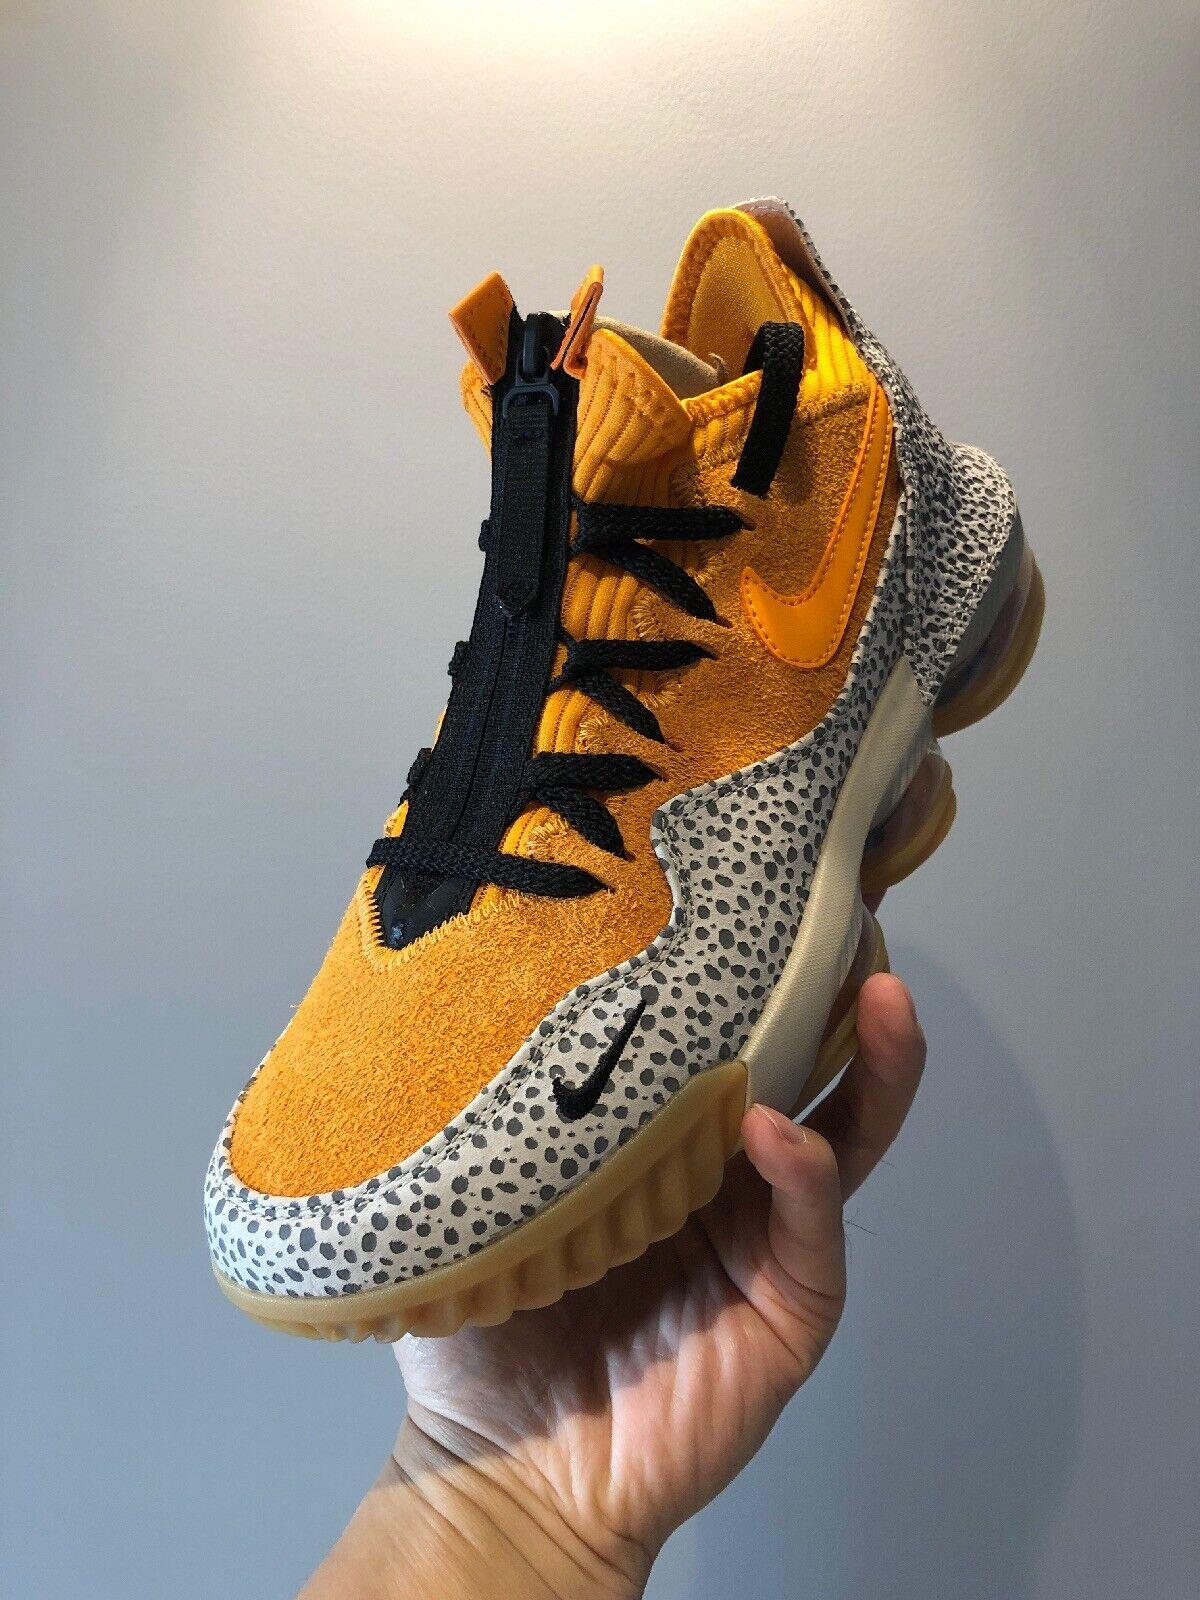 Nike LeBron 16 Faible Safari   CD9471-800 UK6.5 US7.5 EU40.5